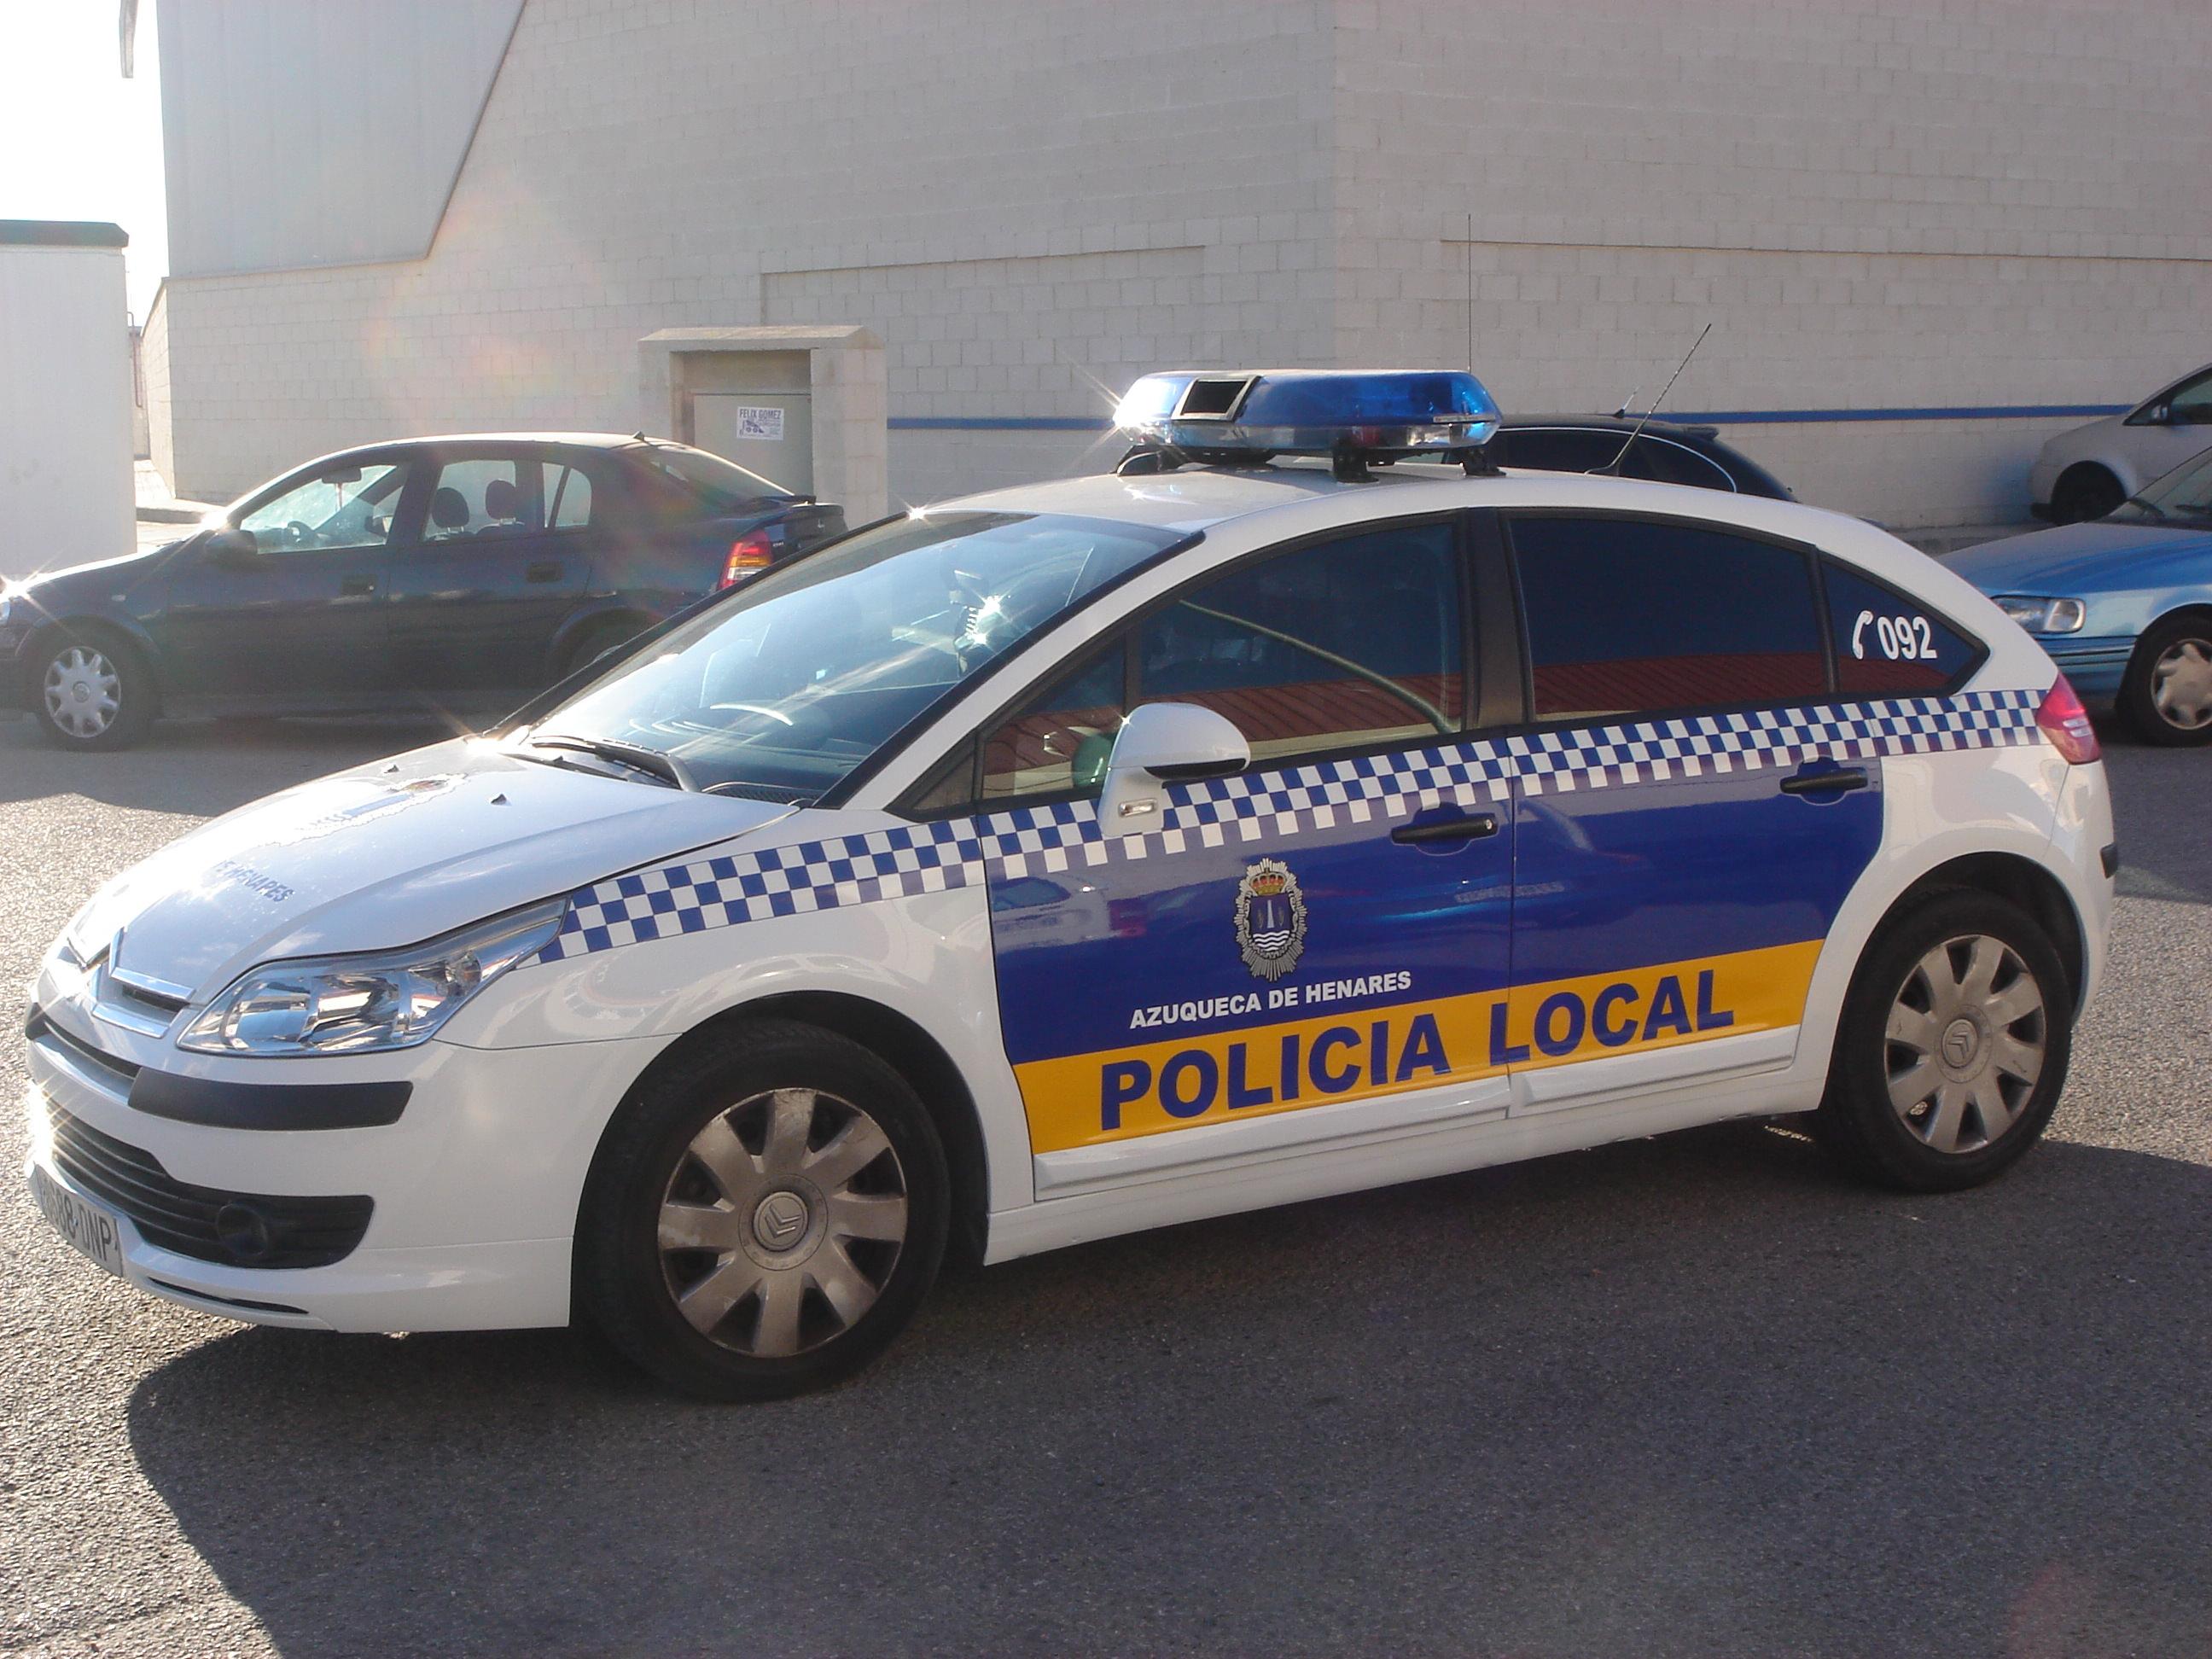 Policia Azuqueca de Henares